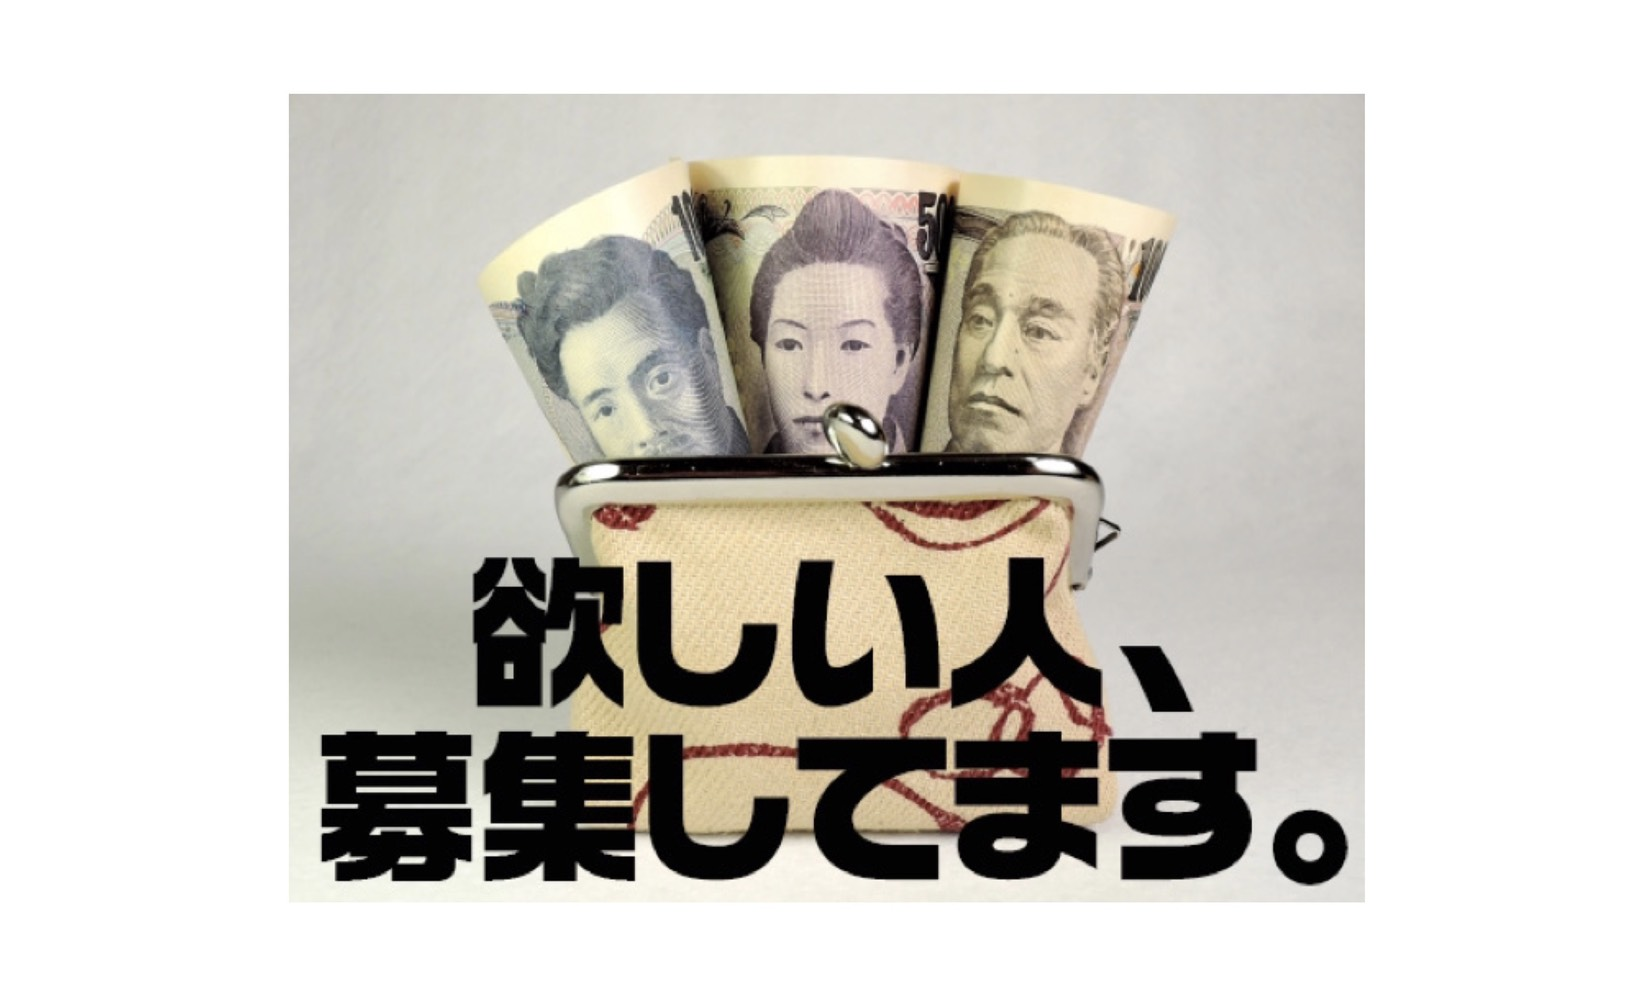 【軽作業】最大月収29万円も★ガッツリ働きたい方へ!未経験/日払いOK◎20代~50代まで幅広く活躍中!